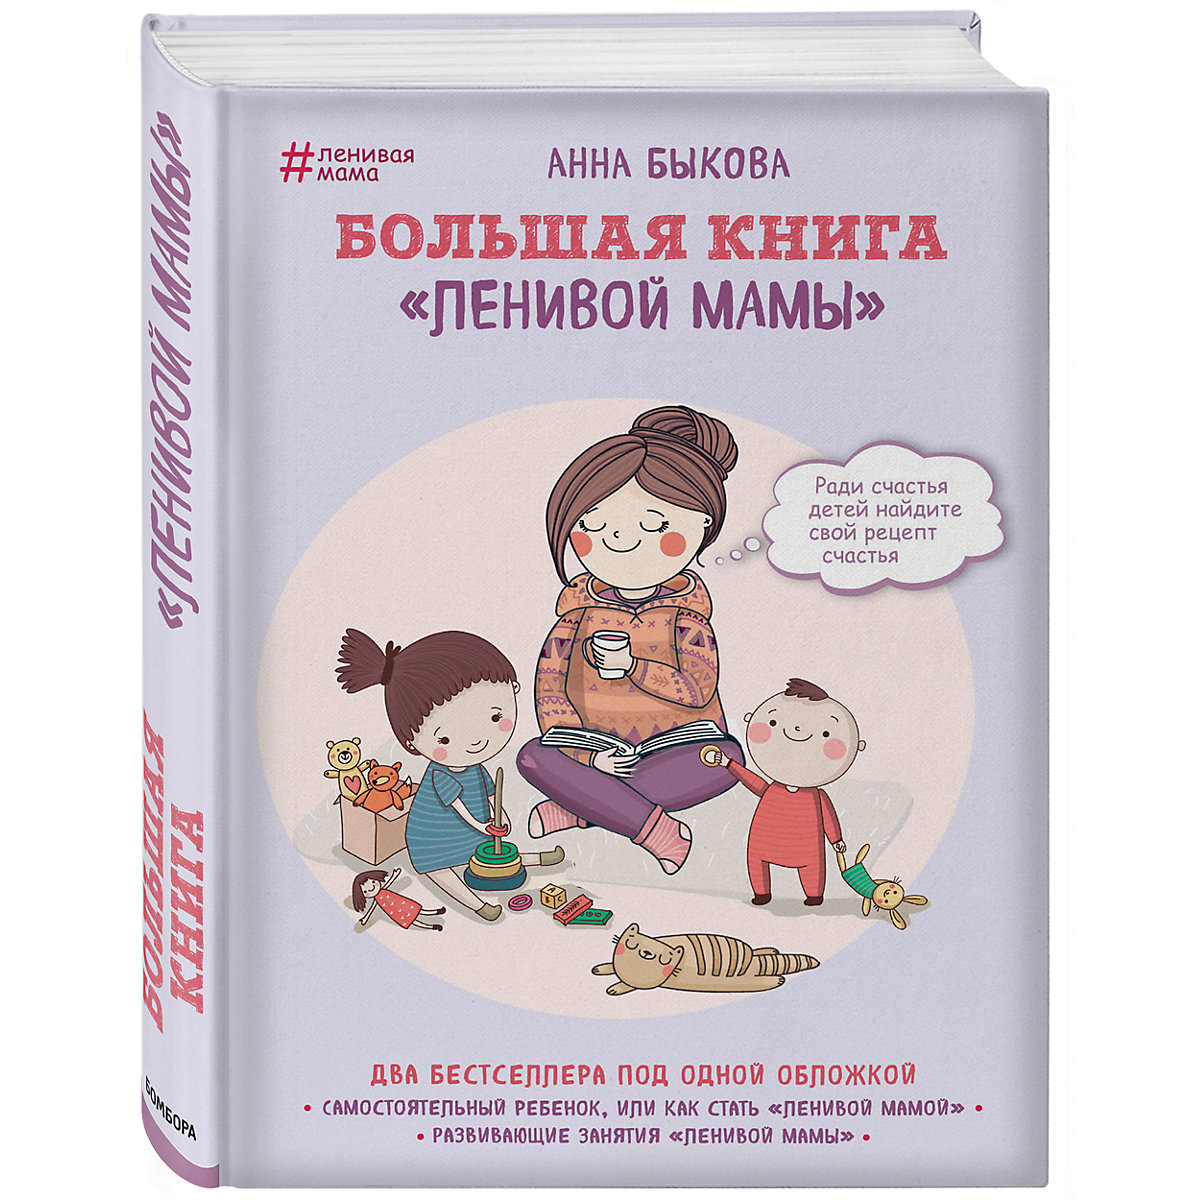 Livres EKSMO 7367696 enfants éducation encyclopédie alphabet dictionnaire livre pour bébé MTpromo